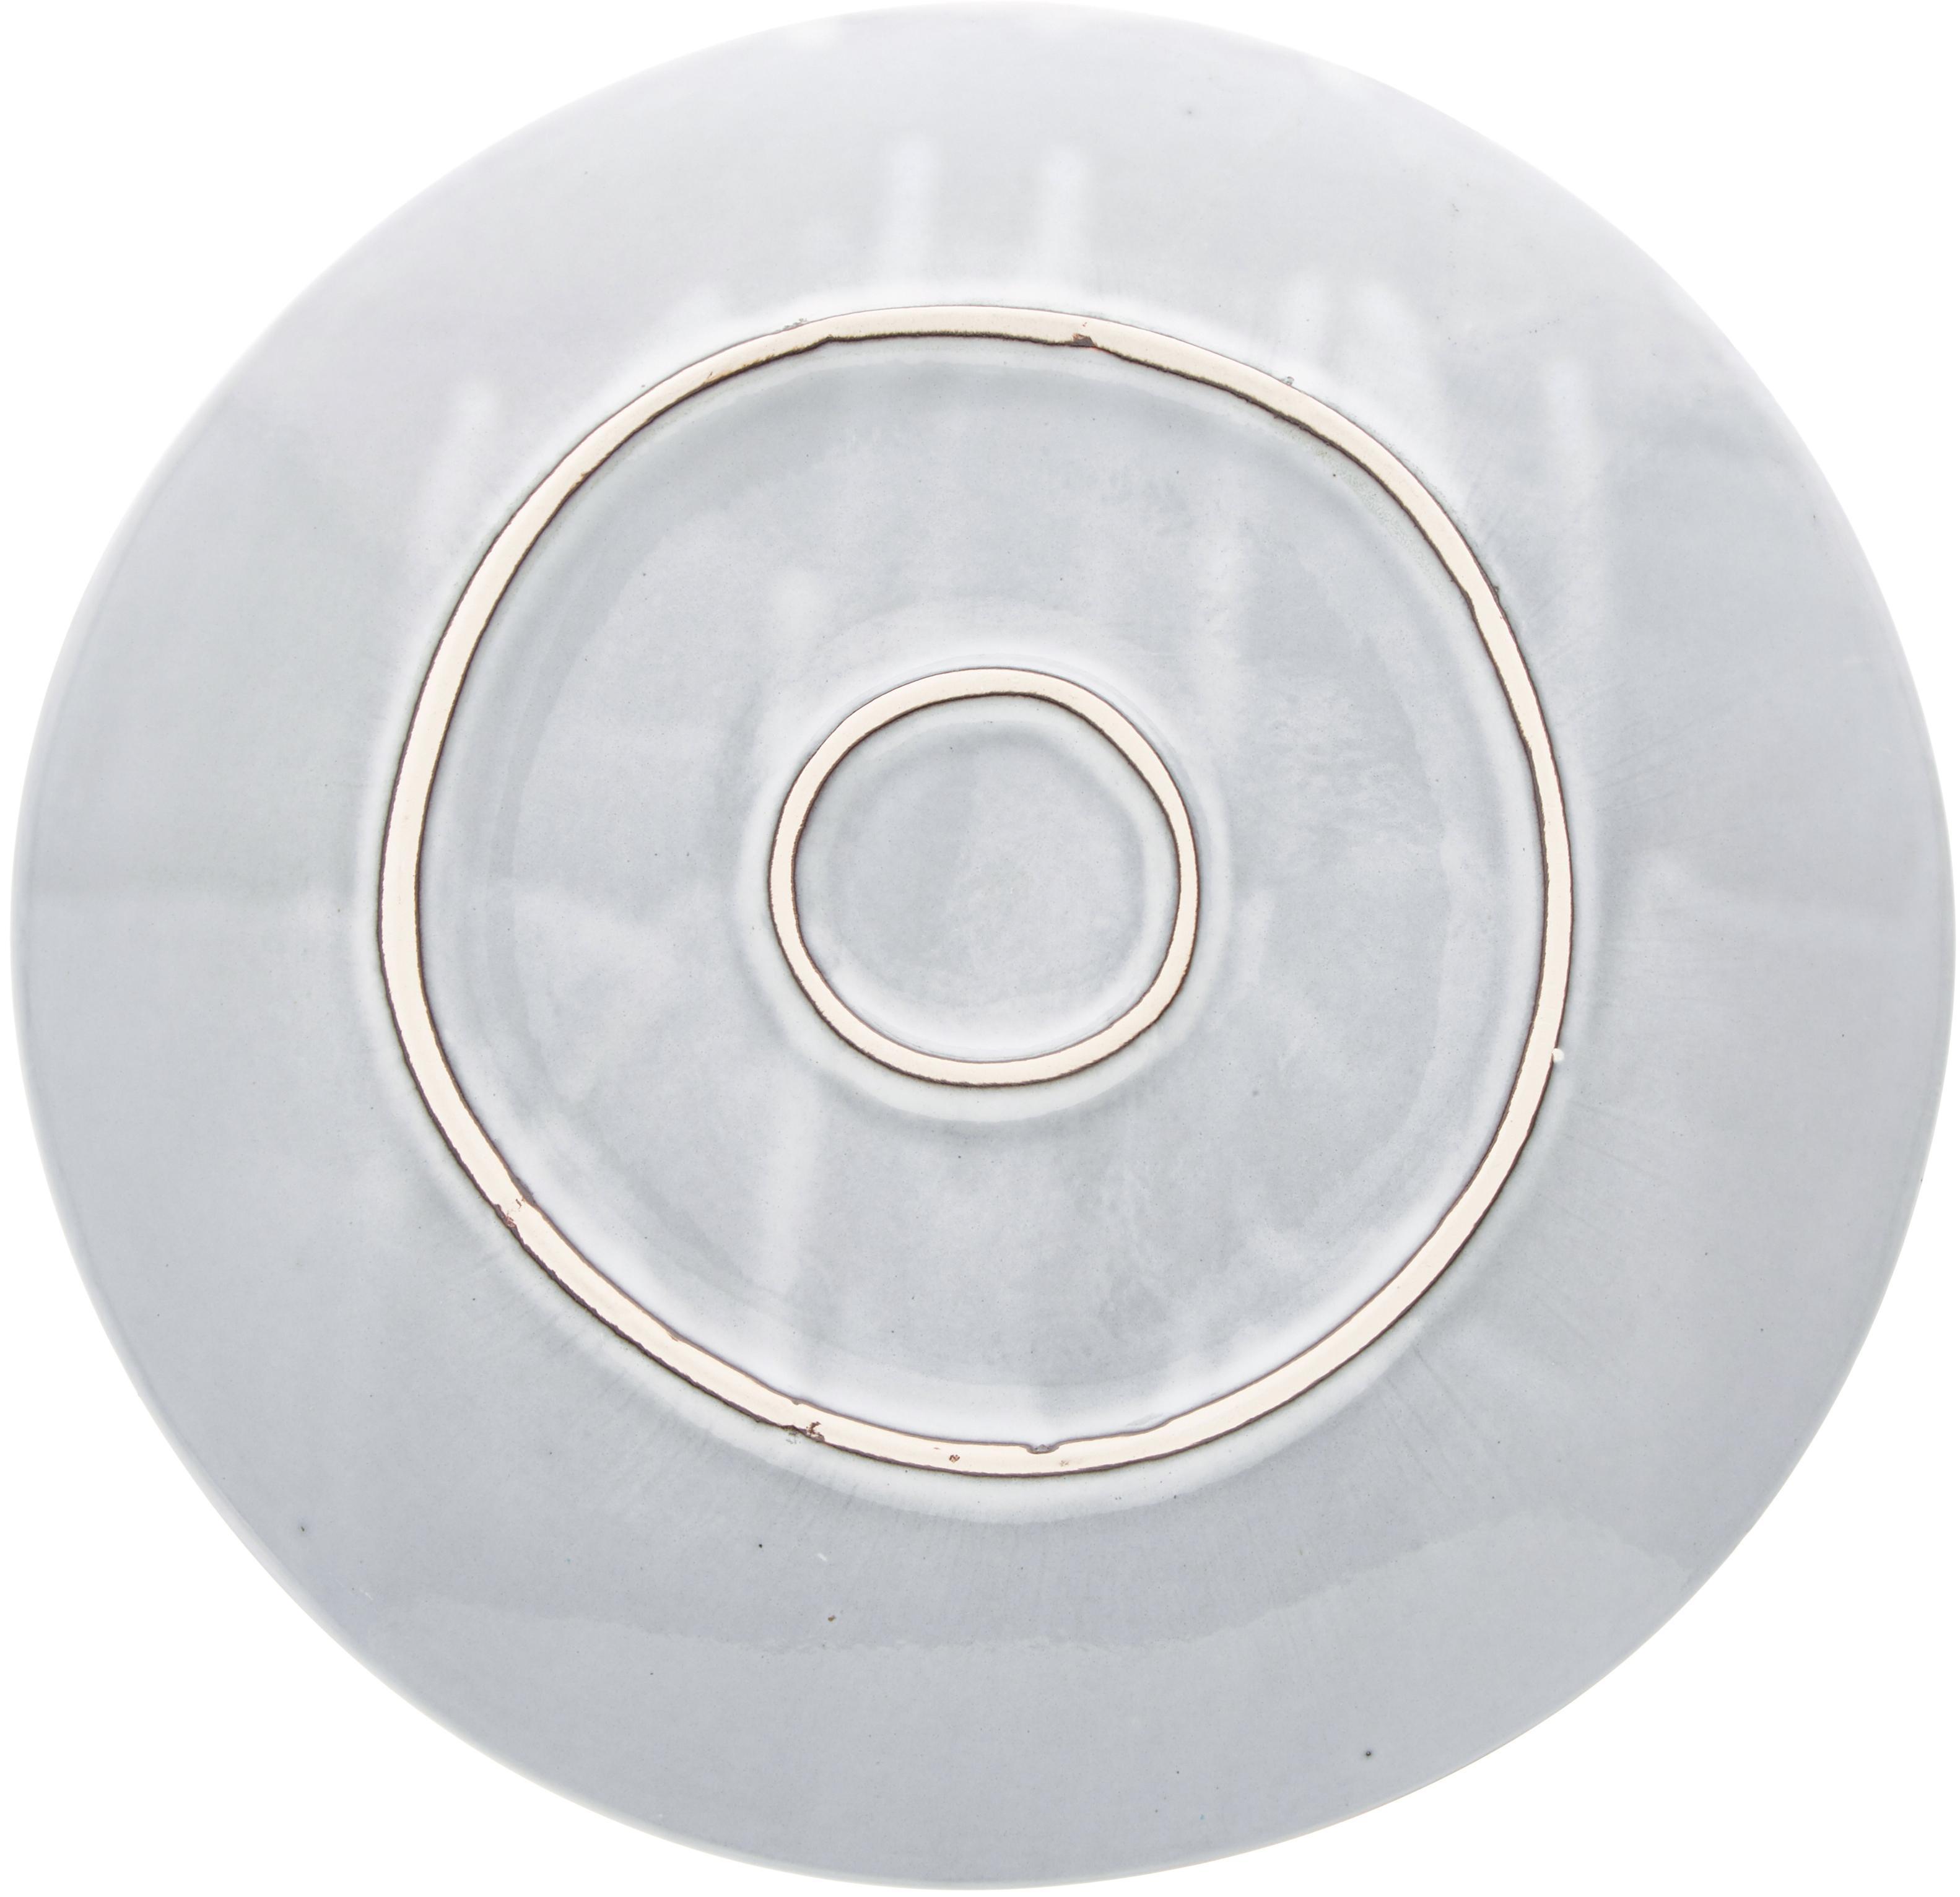 Piatto piano fatto a mano Thalia 2 pz, Ceramica, Grigio con bordo scuro, Ø 27 cm